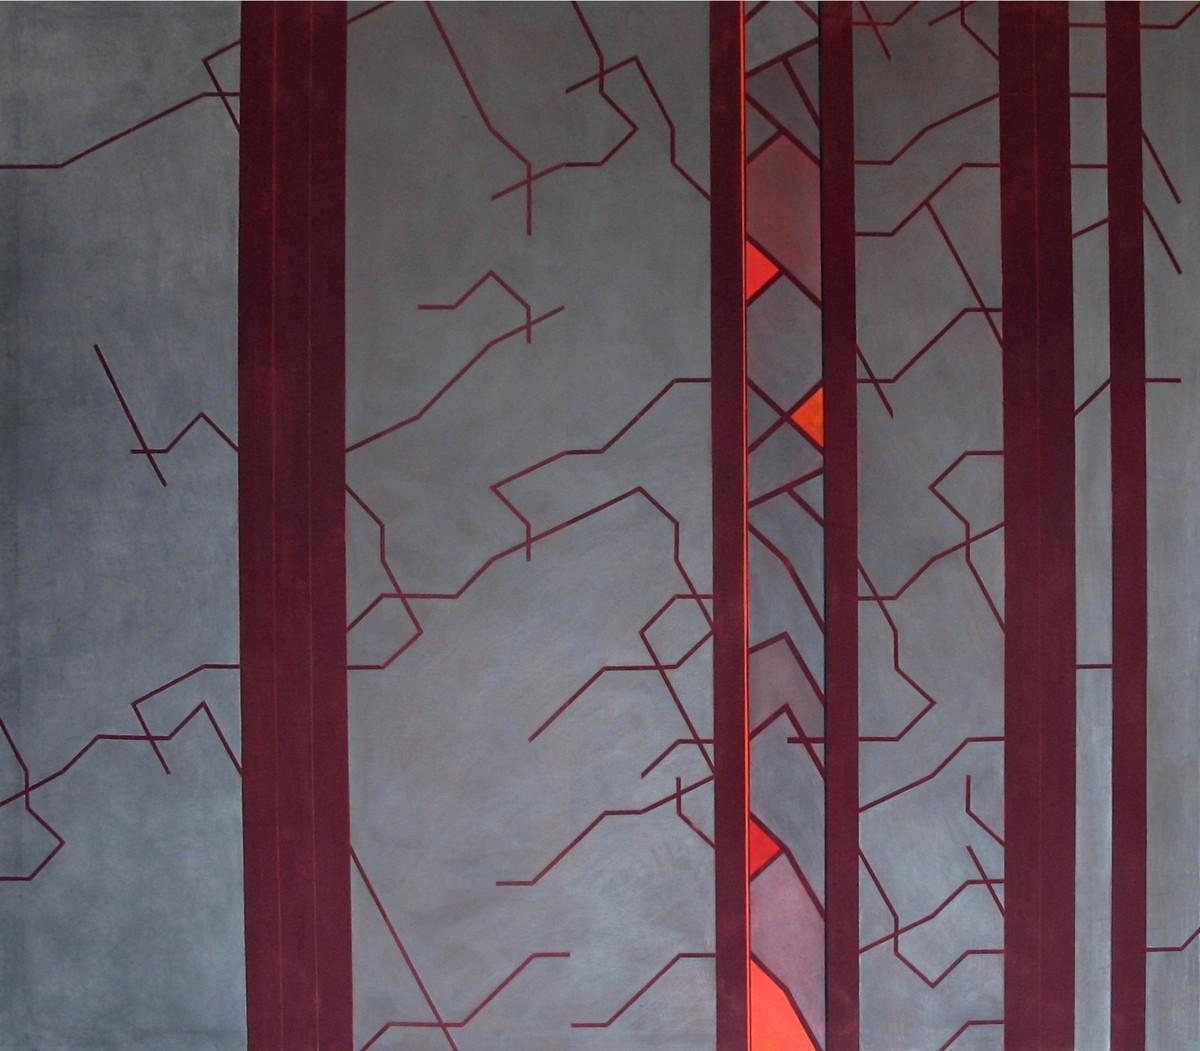 CODIFICACIÓN. Acrílico y grafito sobre lona acrílica. 170 x 150 cm.